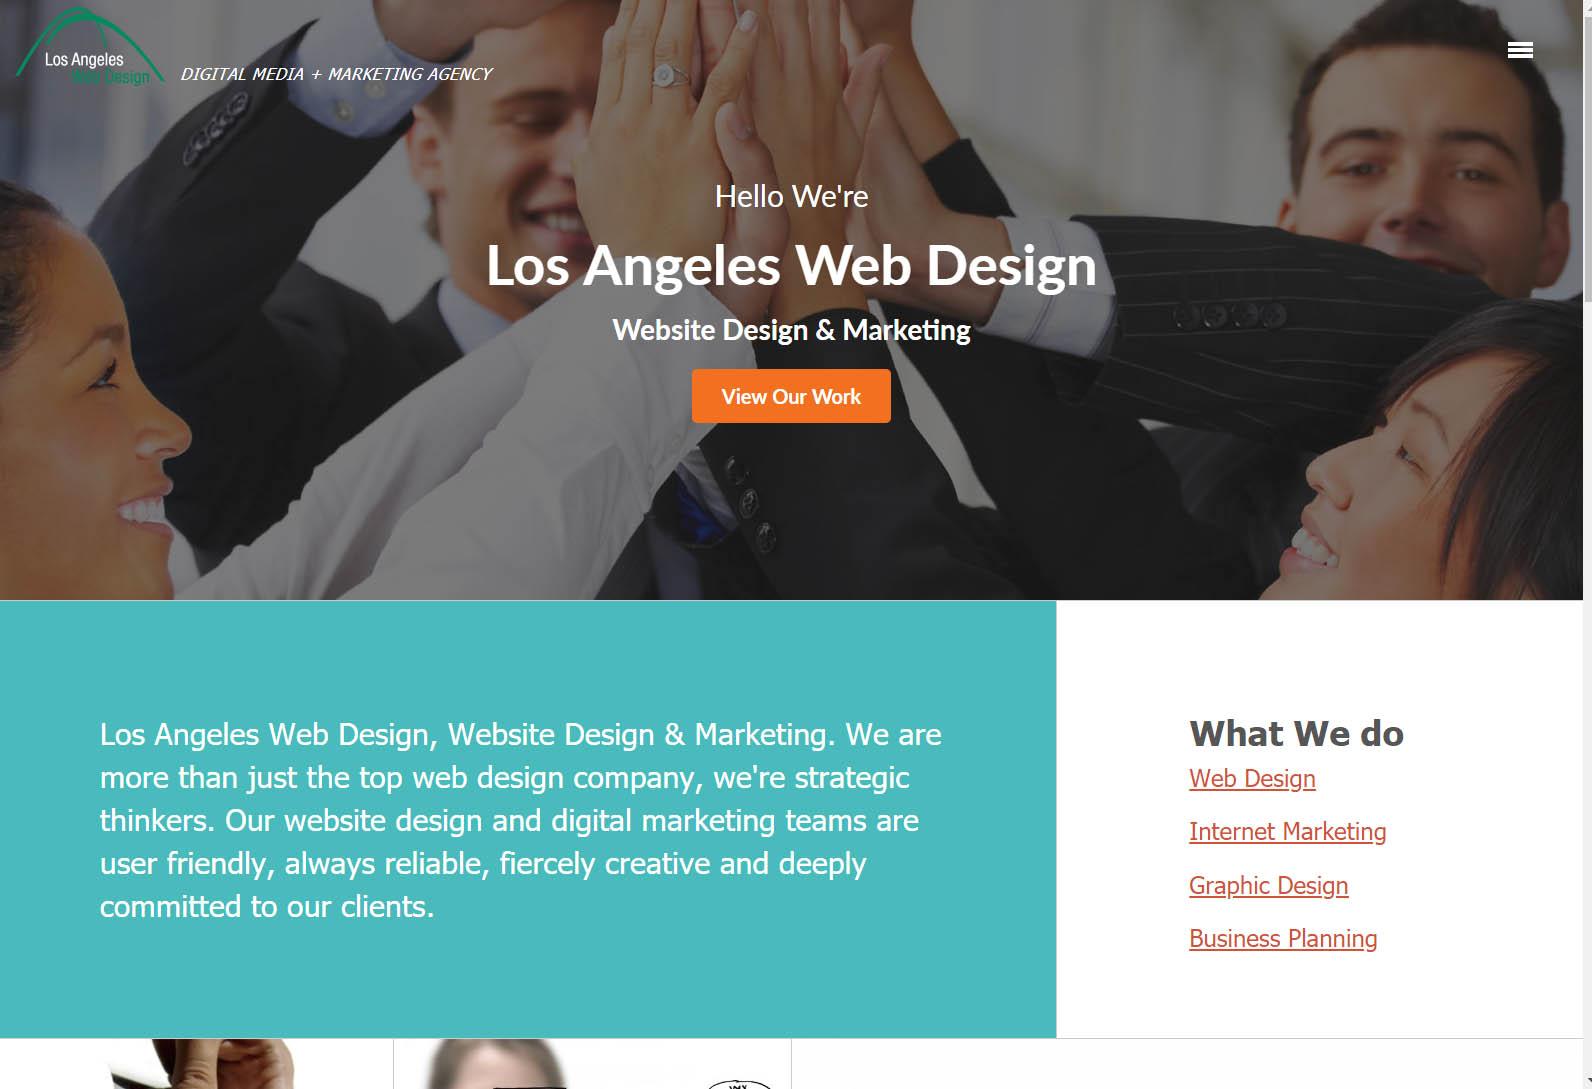 LOS ANGELES WEB DESIGN - Best Web Agencies in Los Angeles